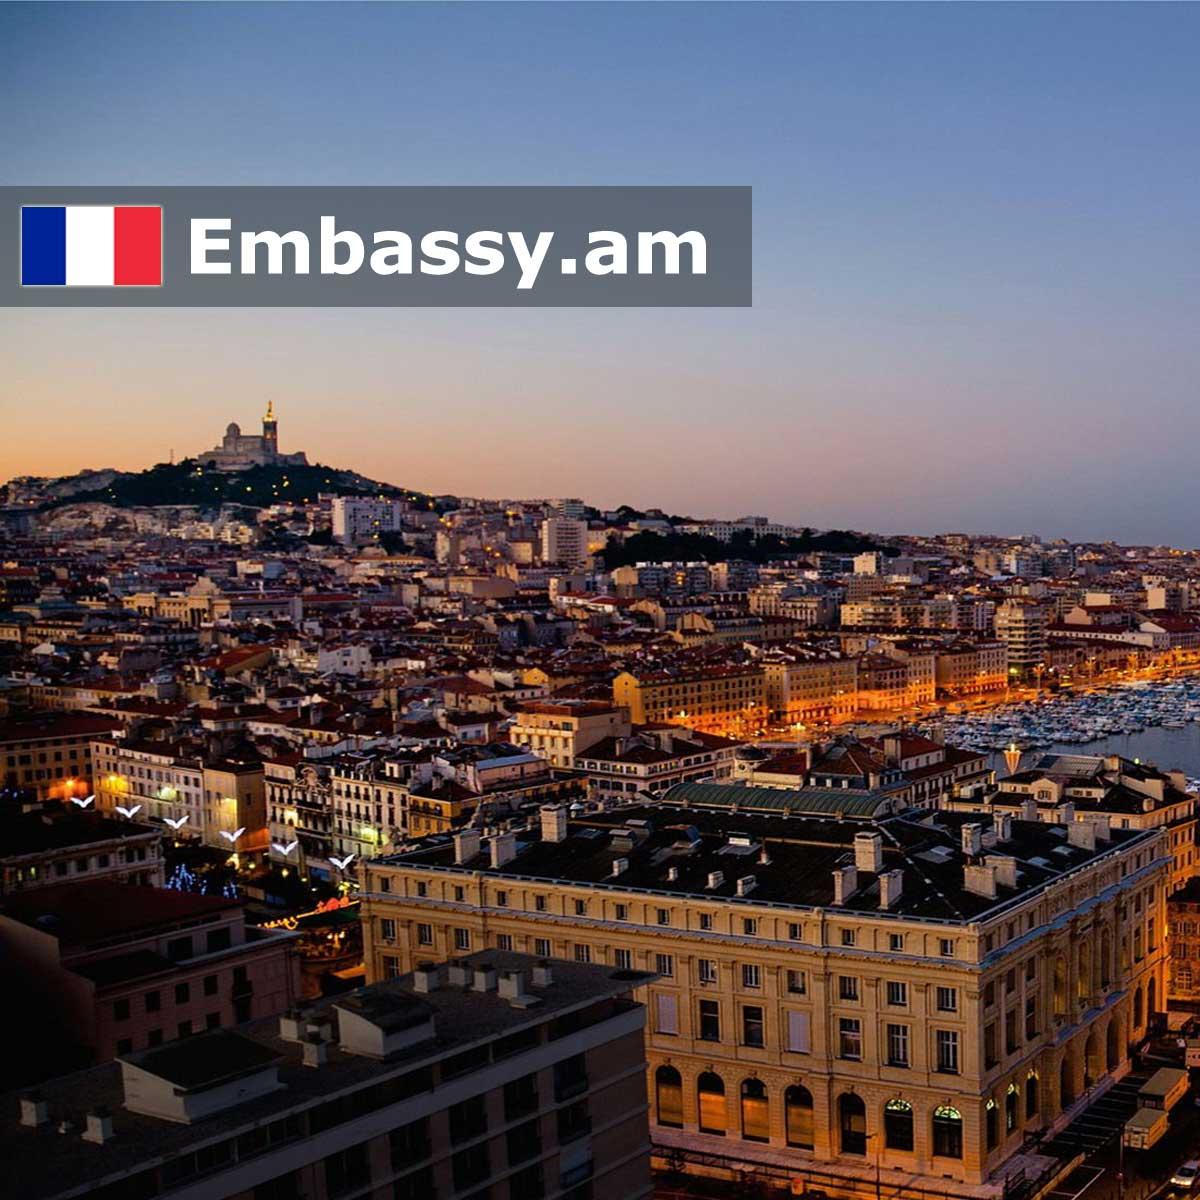 Марсель - Отели во Франции - Embassy.am